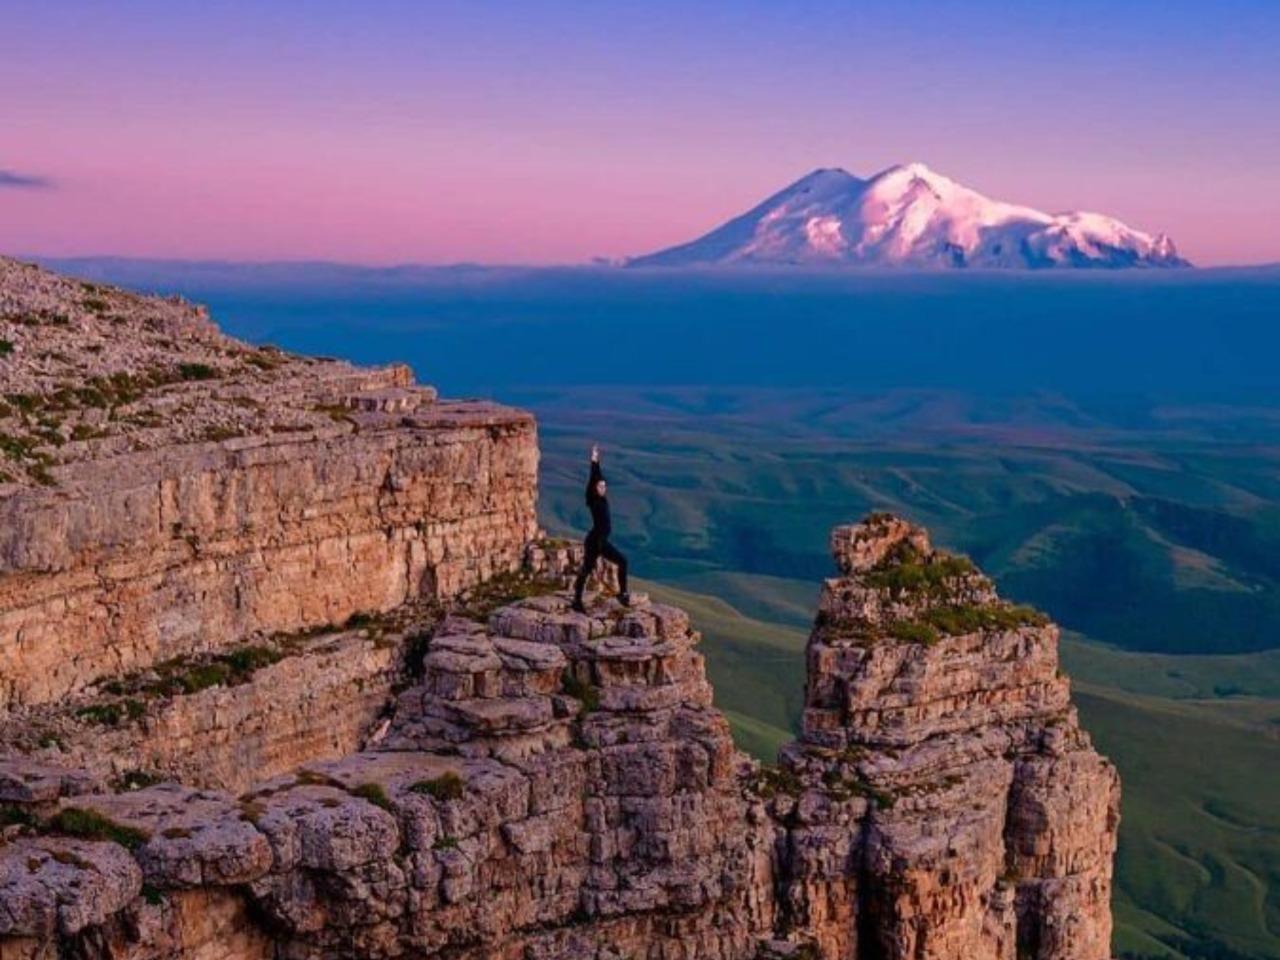 Уникальный Бермамыт - отечественный Гранд-Каньон - групповая экскурсия в Кисловодске от опытного гида